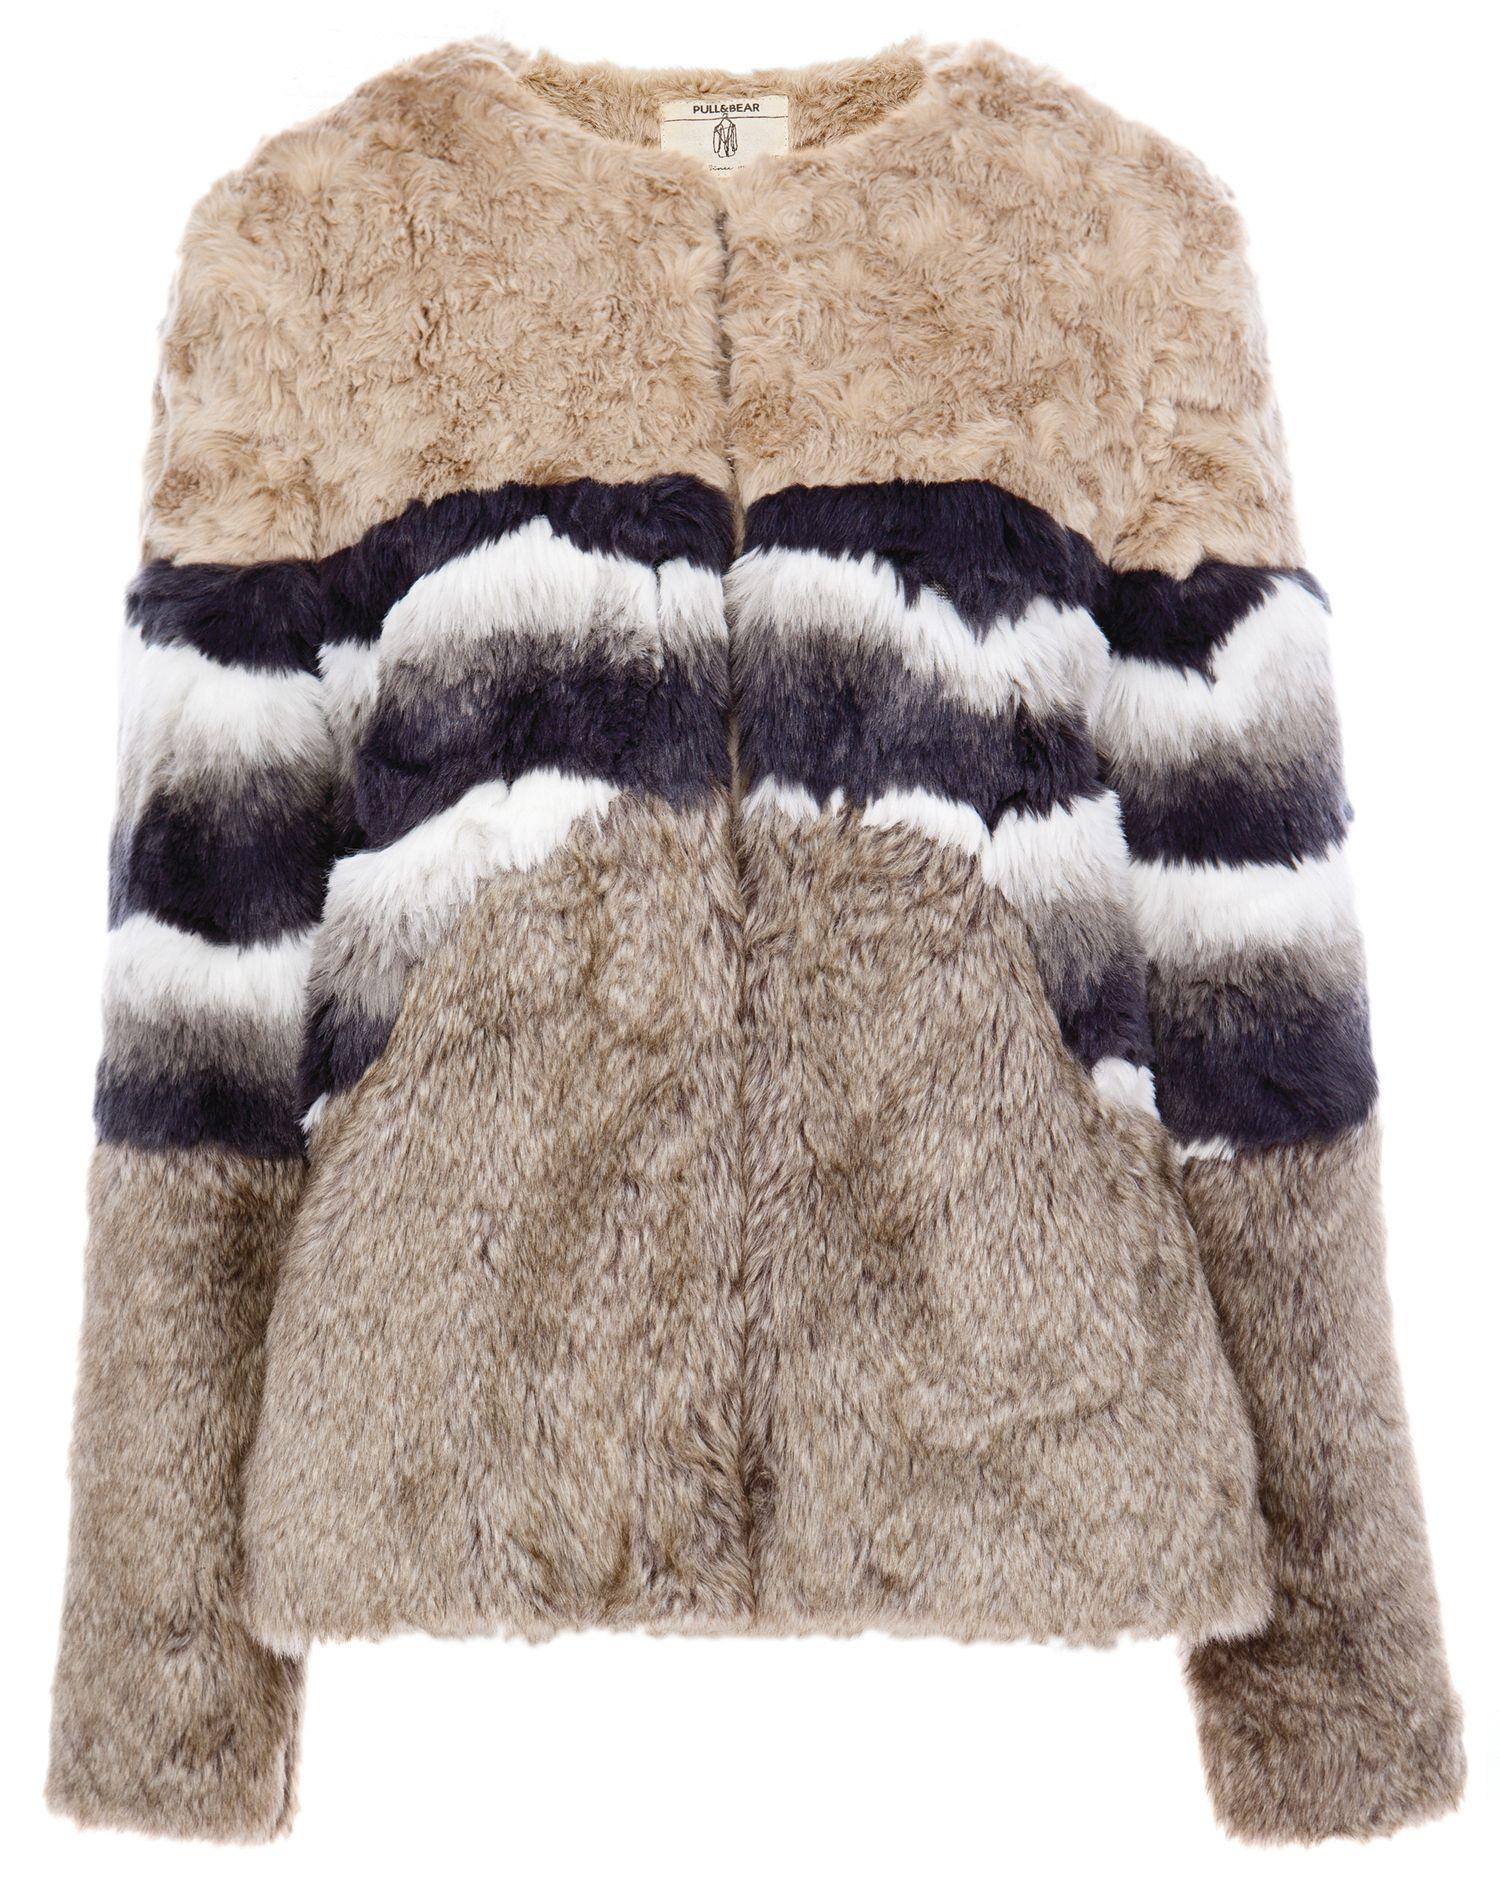 Abrigos cómodos y con estilo: saco con fur a rayas, Pull & Bear (pullandbear.com)